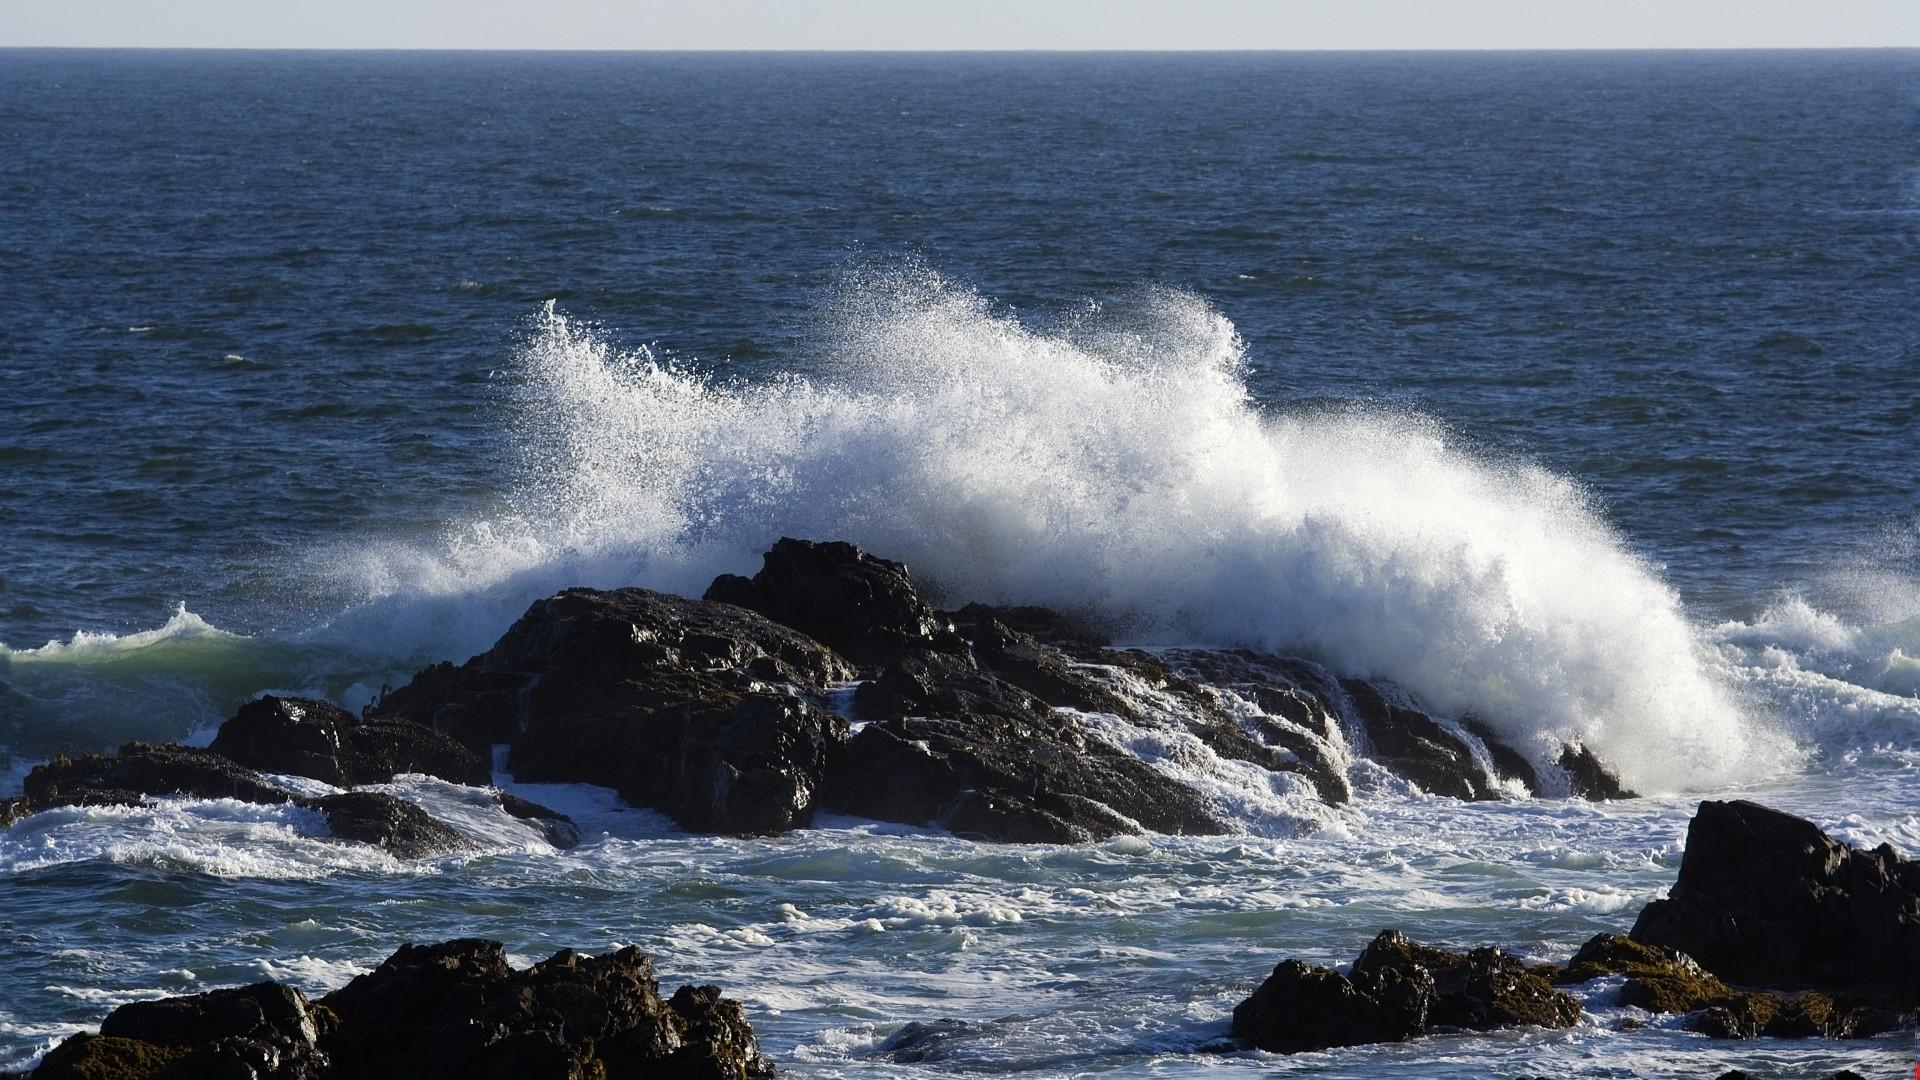 عکس های فوق العاده زیبا از زیبا ترین سواحل جهان